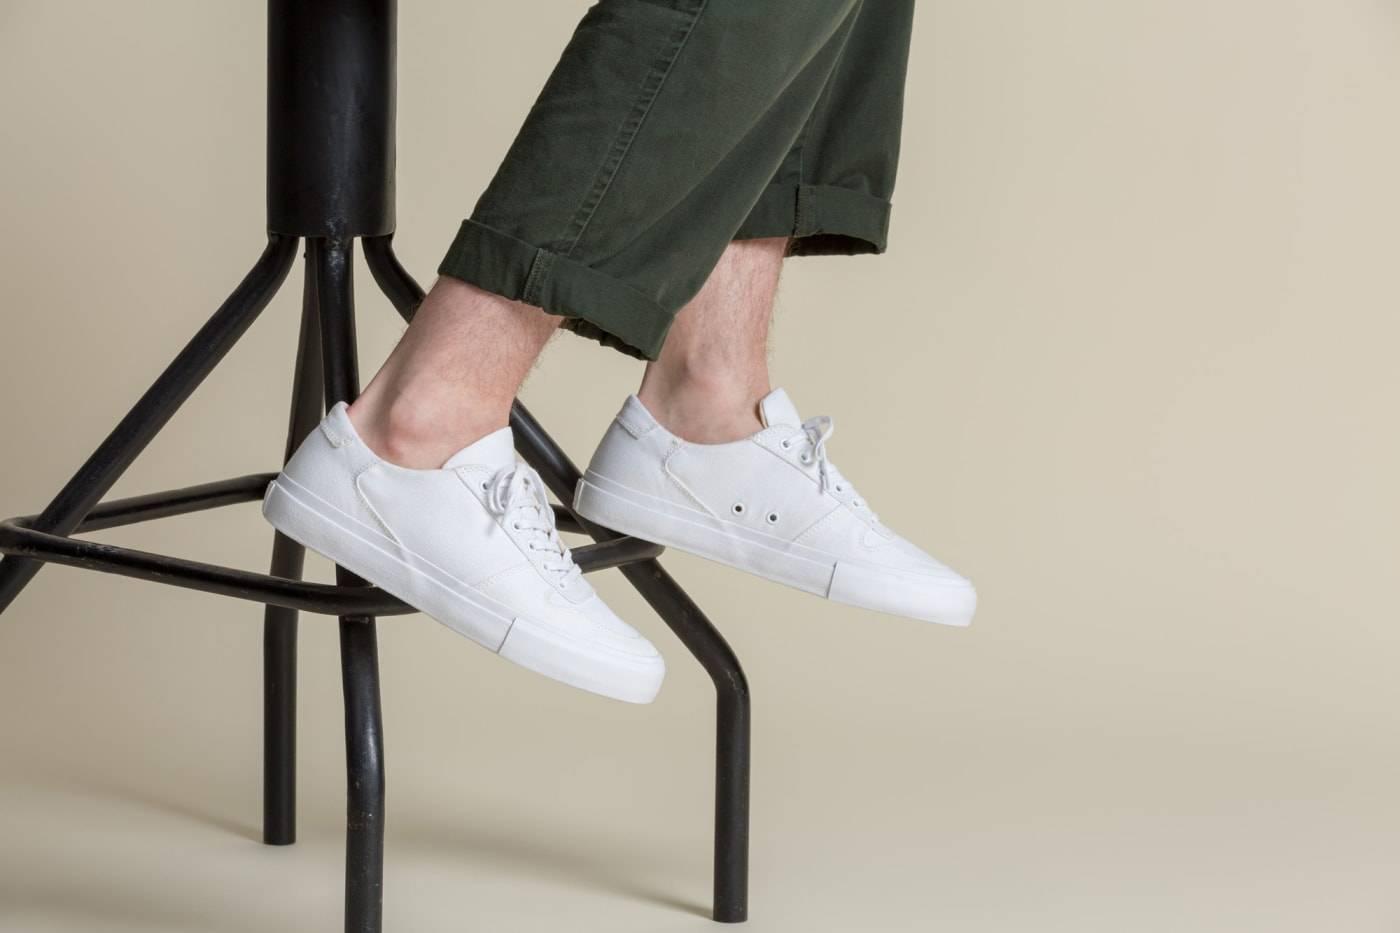 天然不浮躁,这个洋溢永恒气质的新西兰鞋履品牌值得了解